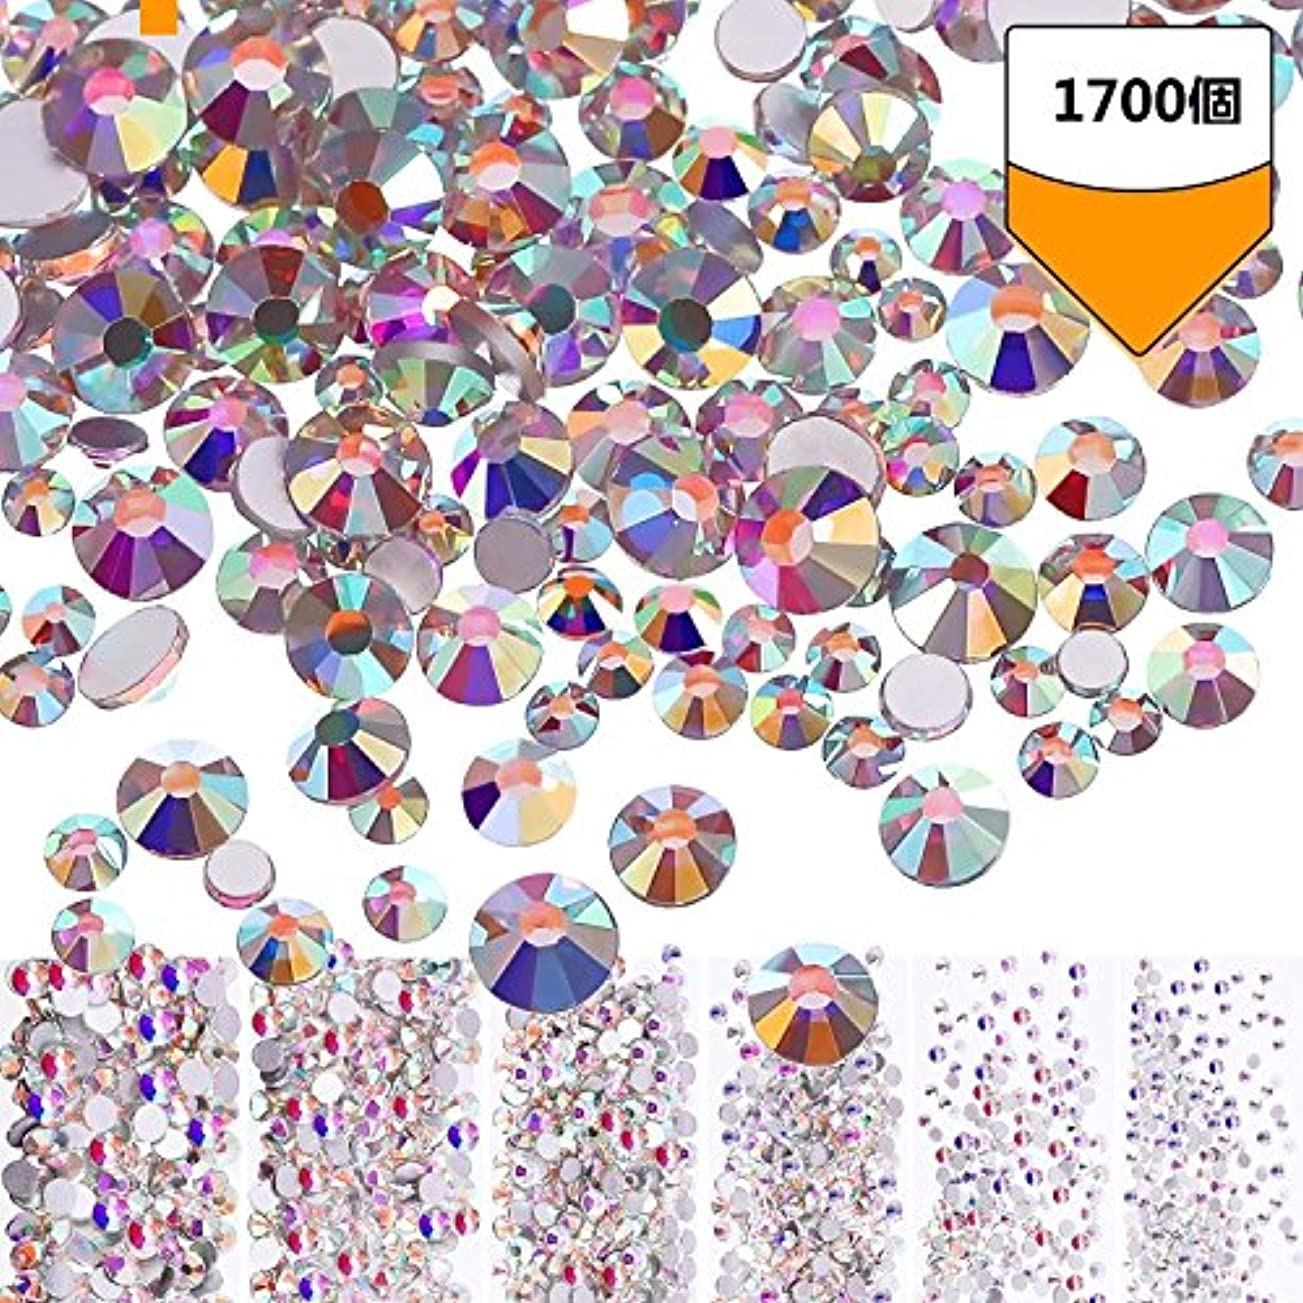 タッチくオーラルラインストーン ネイル デコ ガラスストーン クリスタル 改良 高品質ガラス製ラインストーン(1.6mm-3mm 約1700粒)